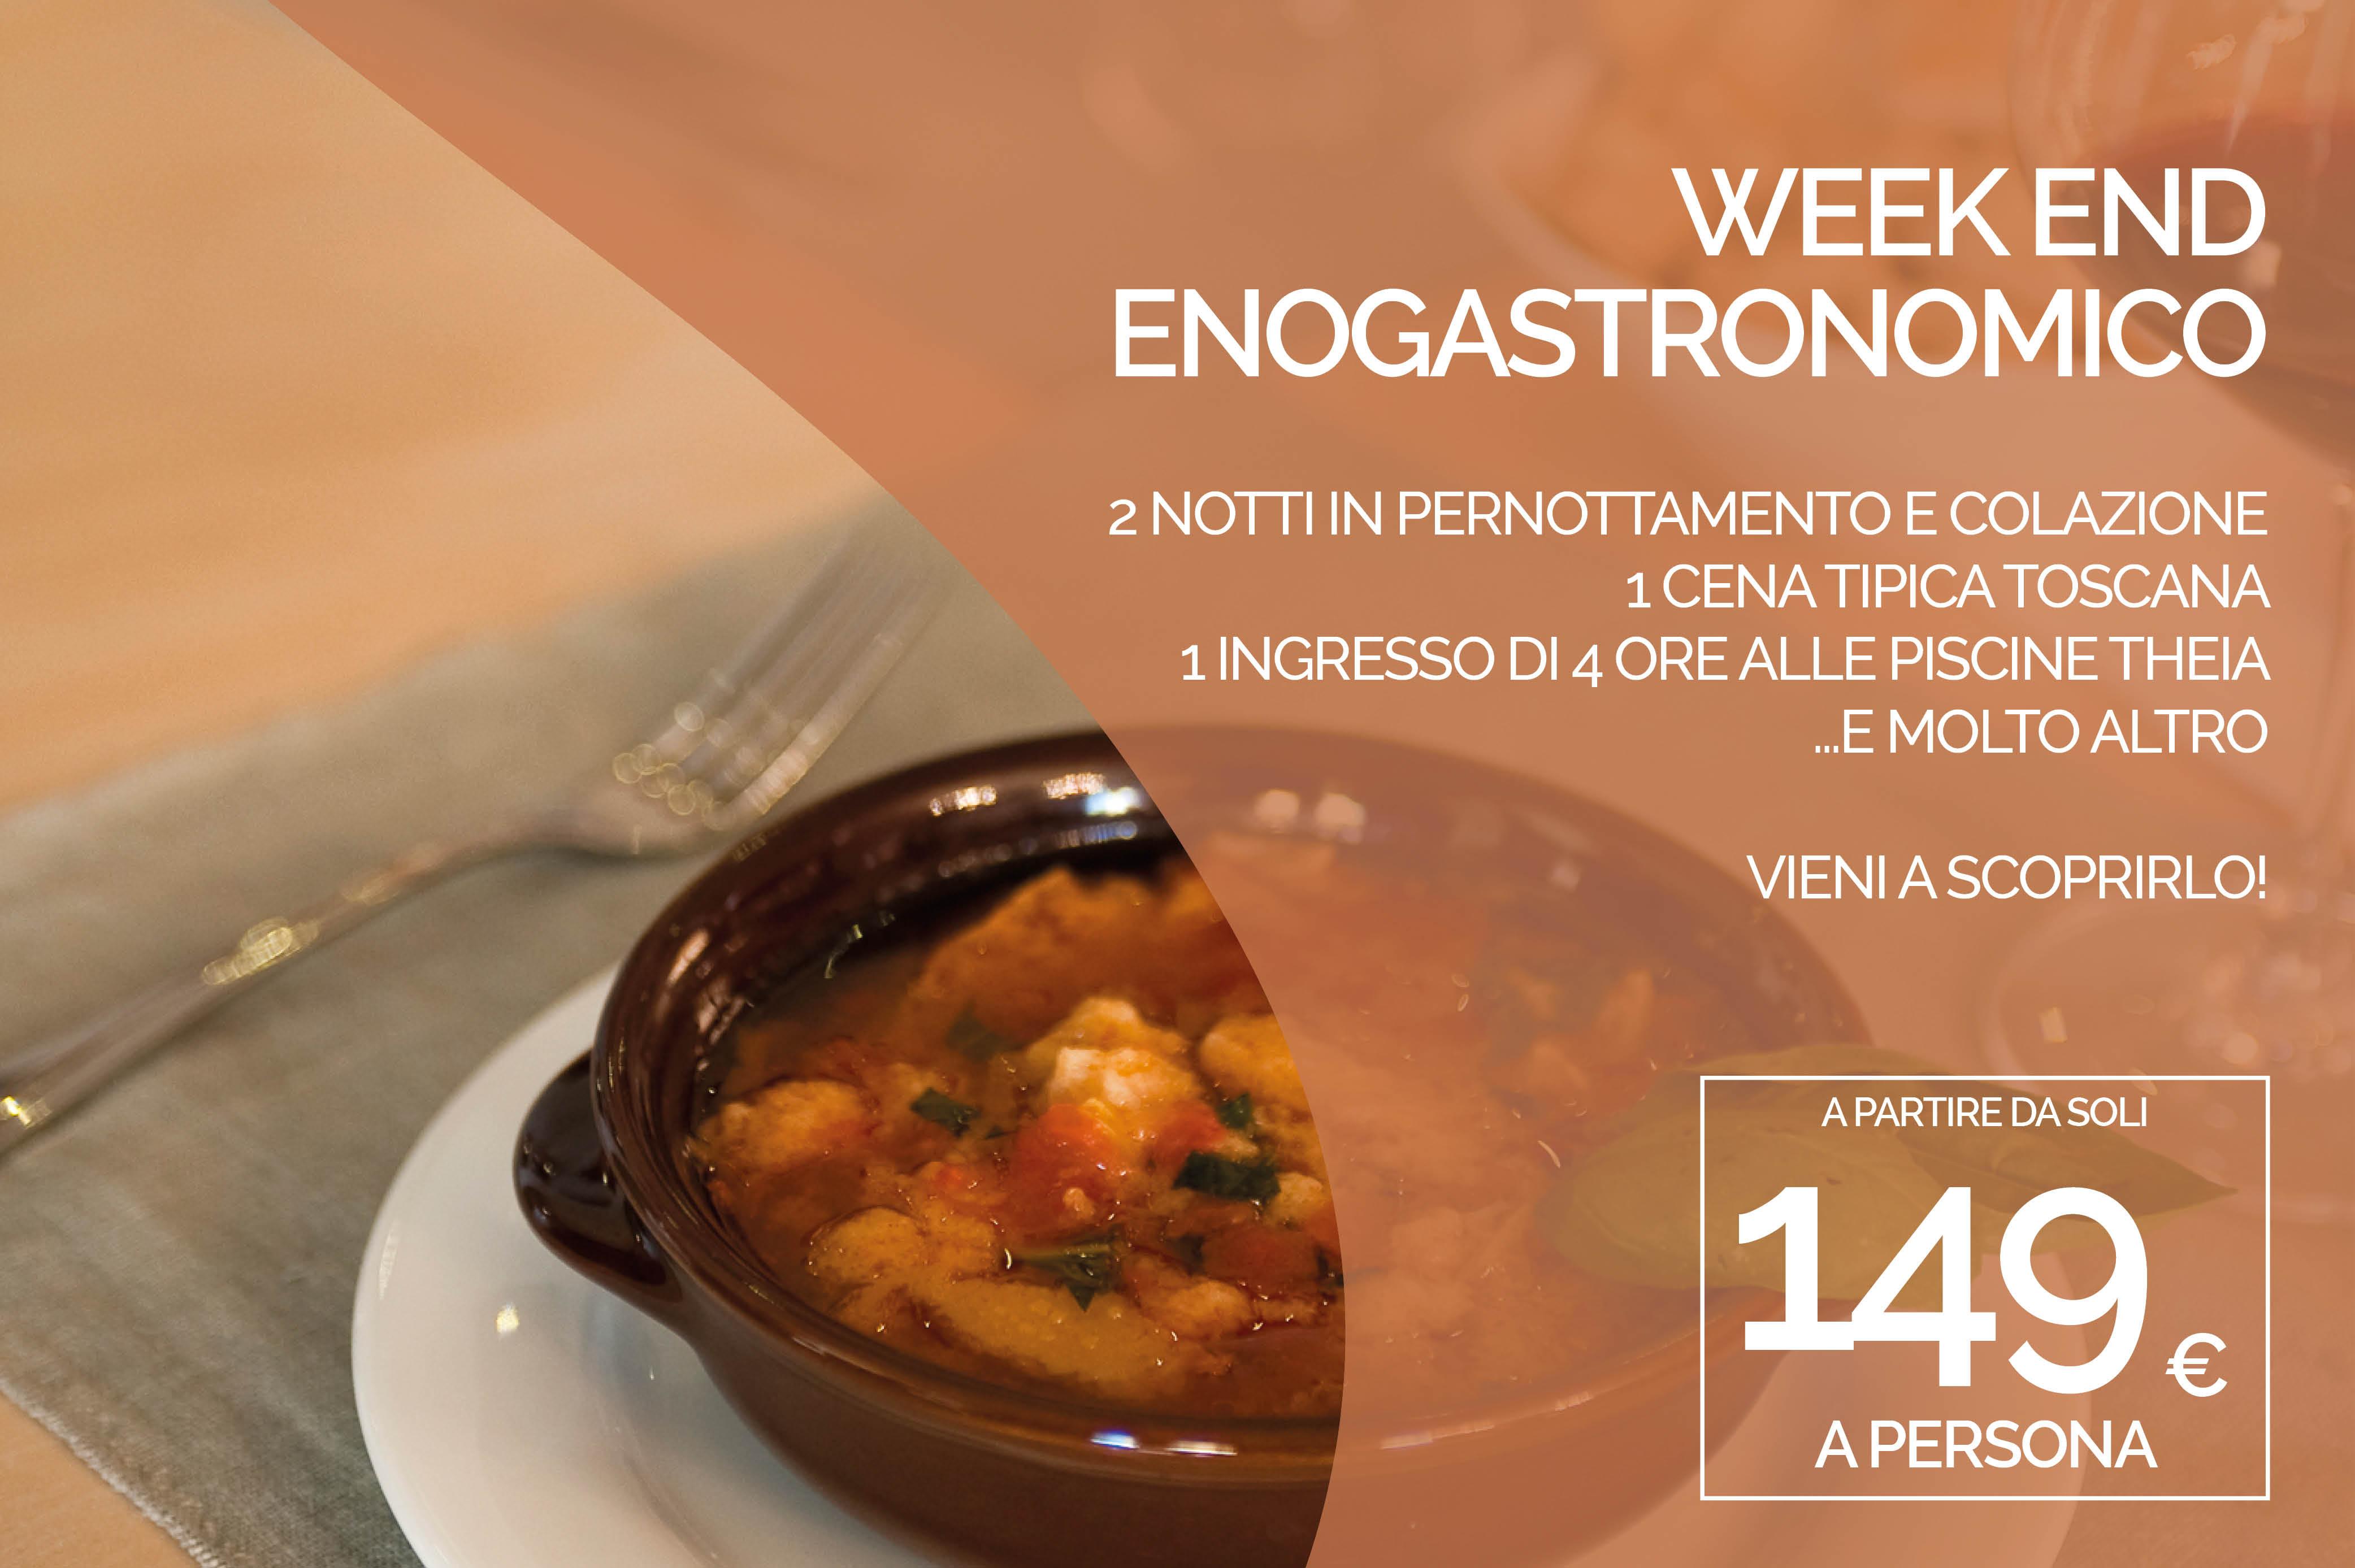 WEEK-END-ENO-GASTRONOMICO-2-NOTTI